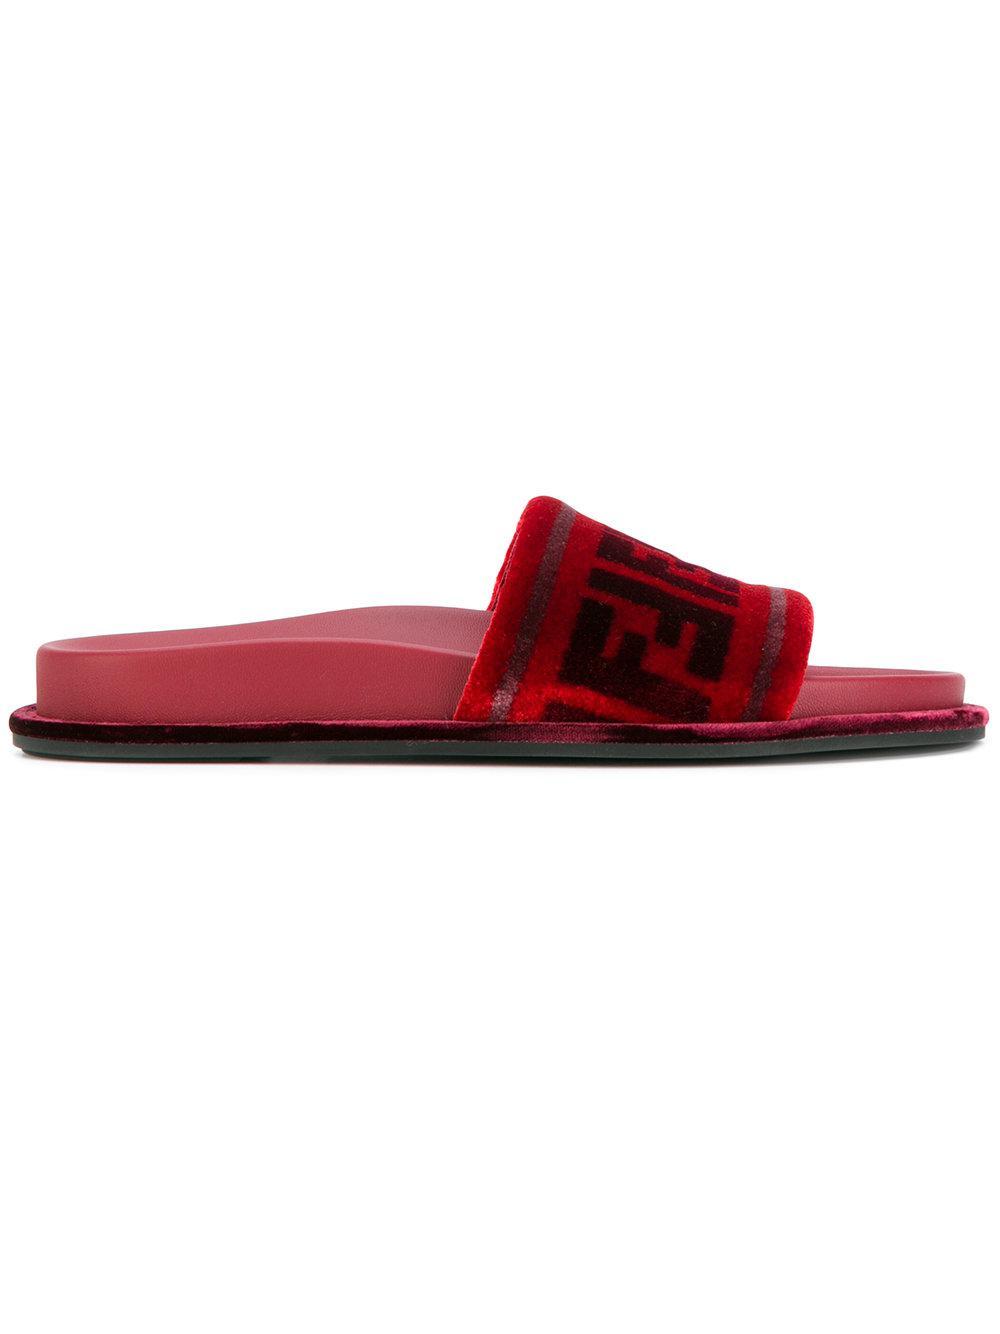 fa6e2535bedb Fendi Ff Open-toe Sandals in Red - Lyst